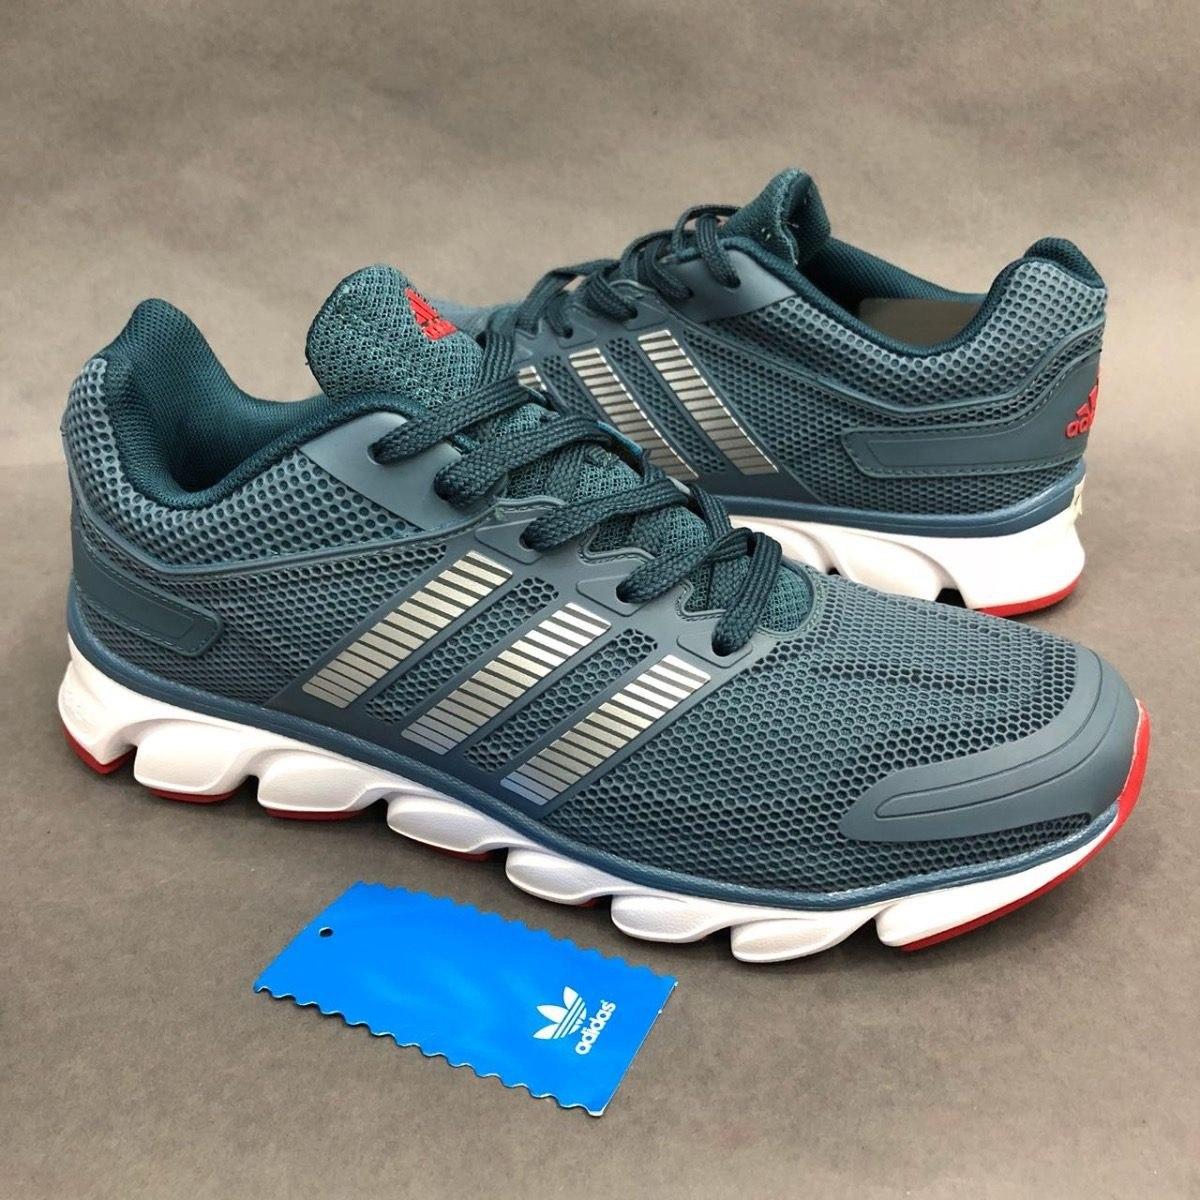 newest collection 66de8 cfccc ... shop tenis zapatillas adidas climacool ride azul petróleo hombre.  cargando zoom. 5f040 8f160